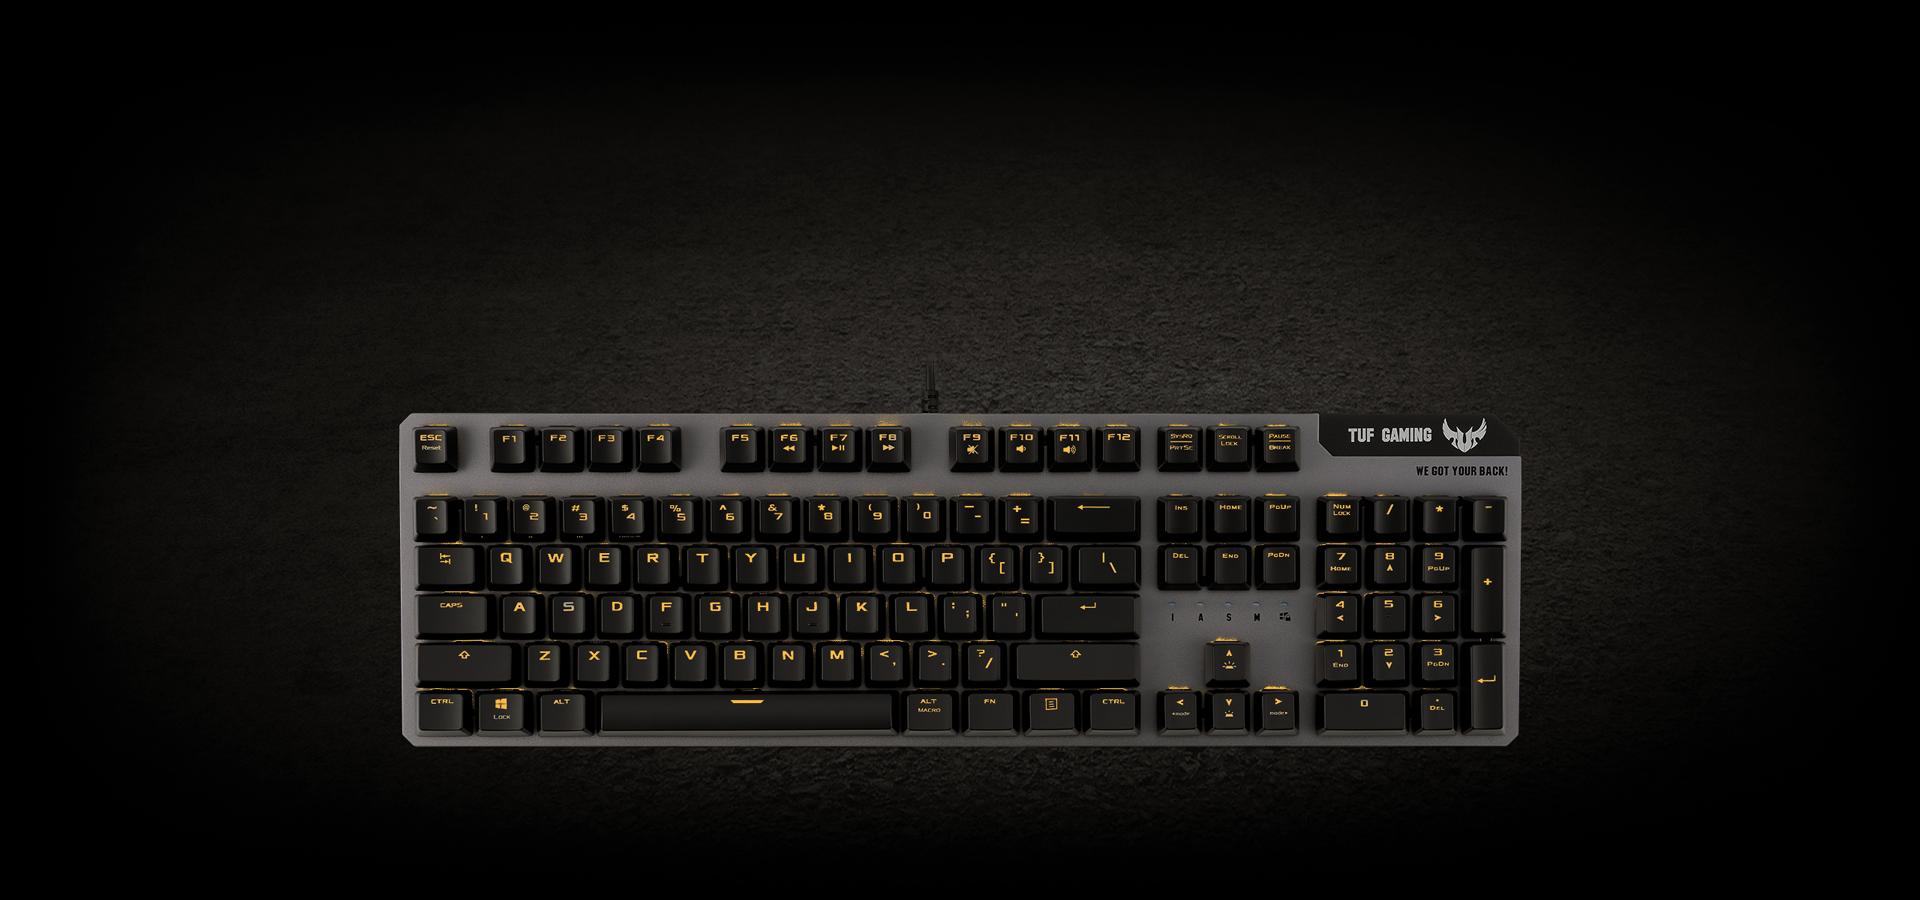 TUF Gaming K7 | Keyboards & Mice | ASUS Global